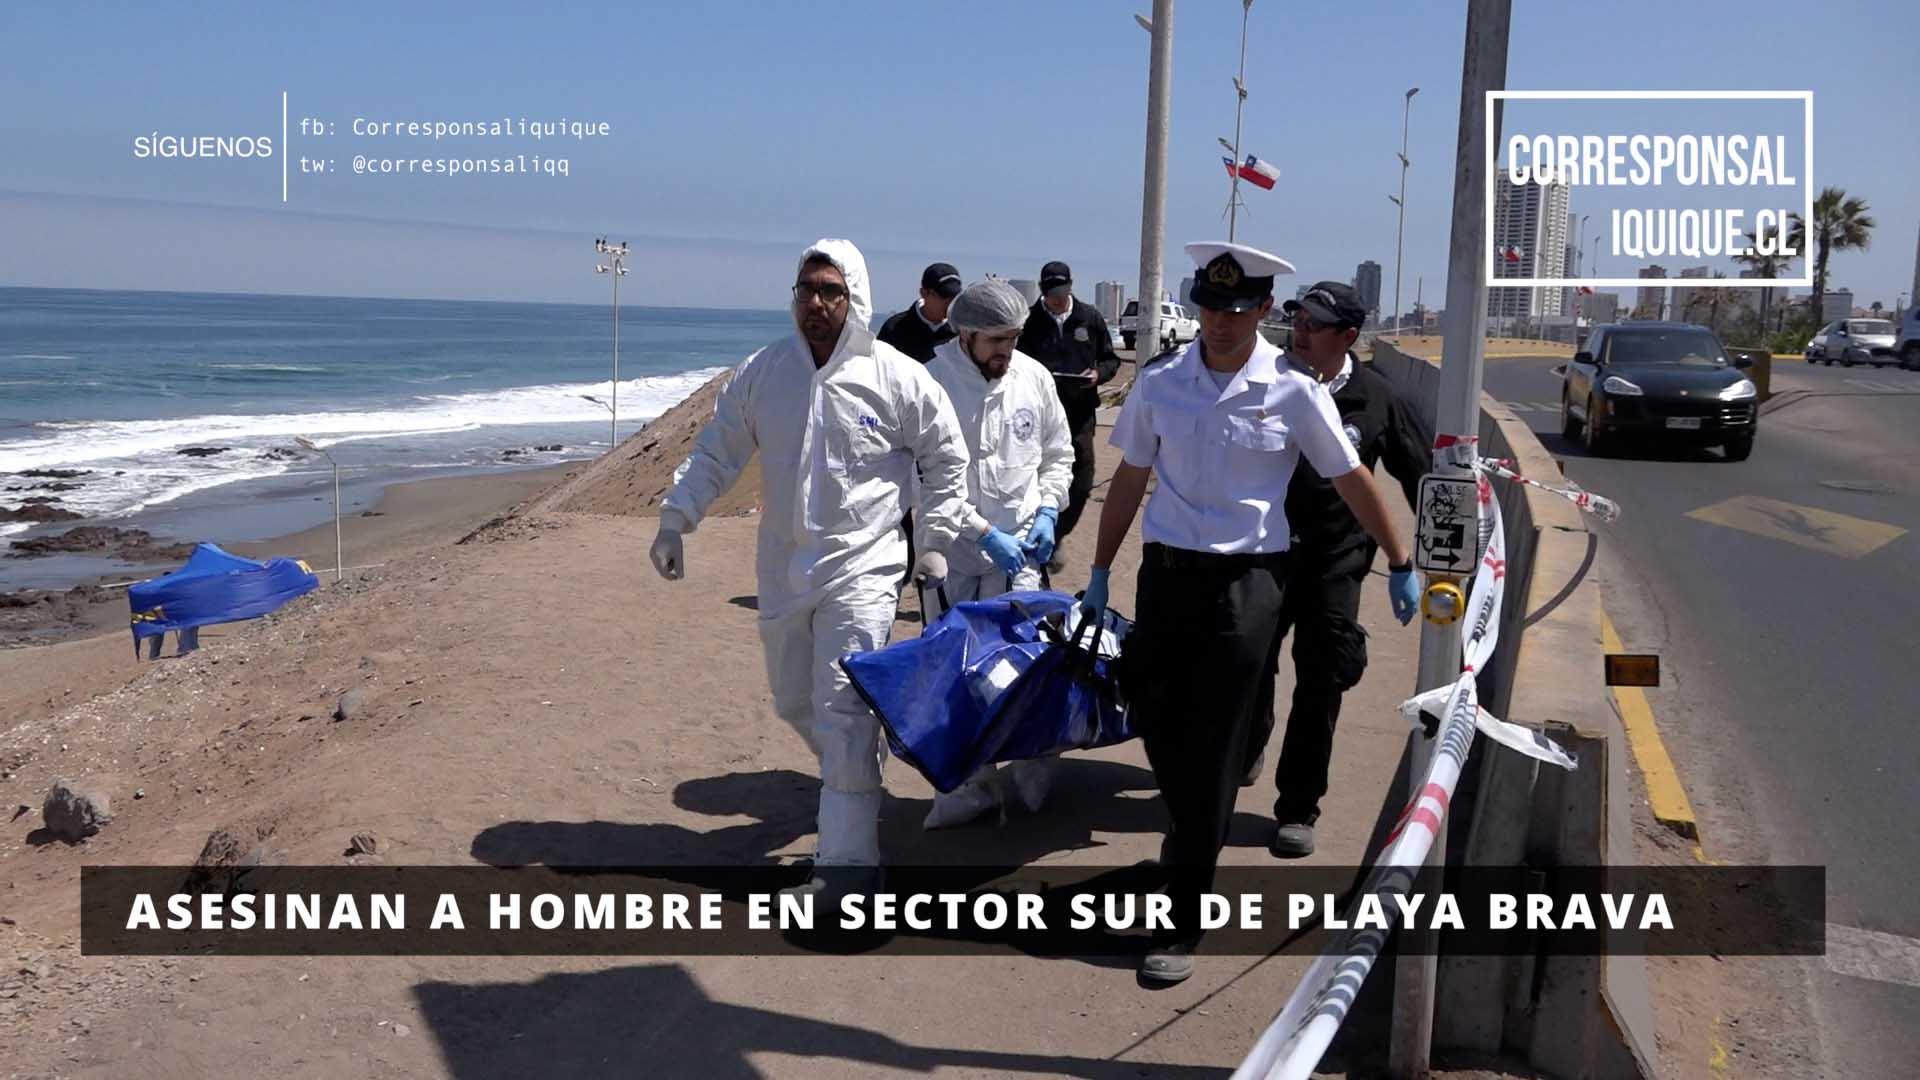 Photo of Asesinan a hombre en sector sur de Playa brava